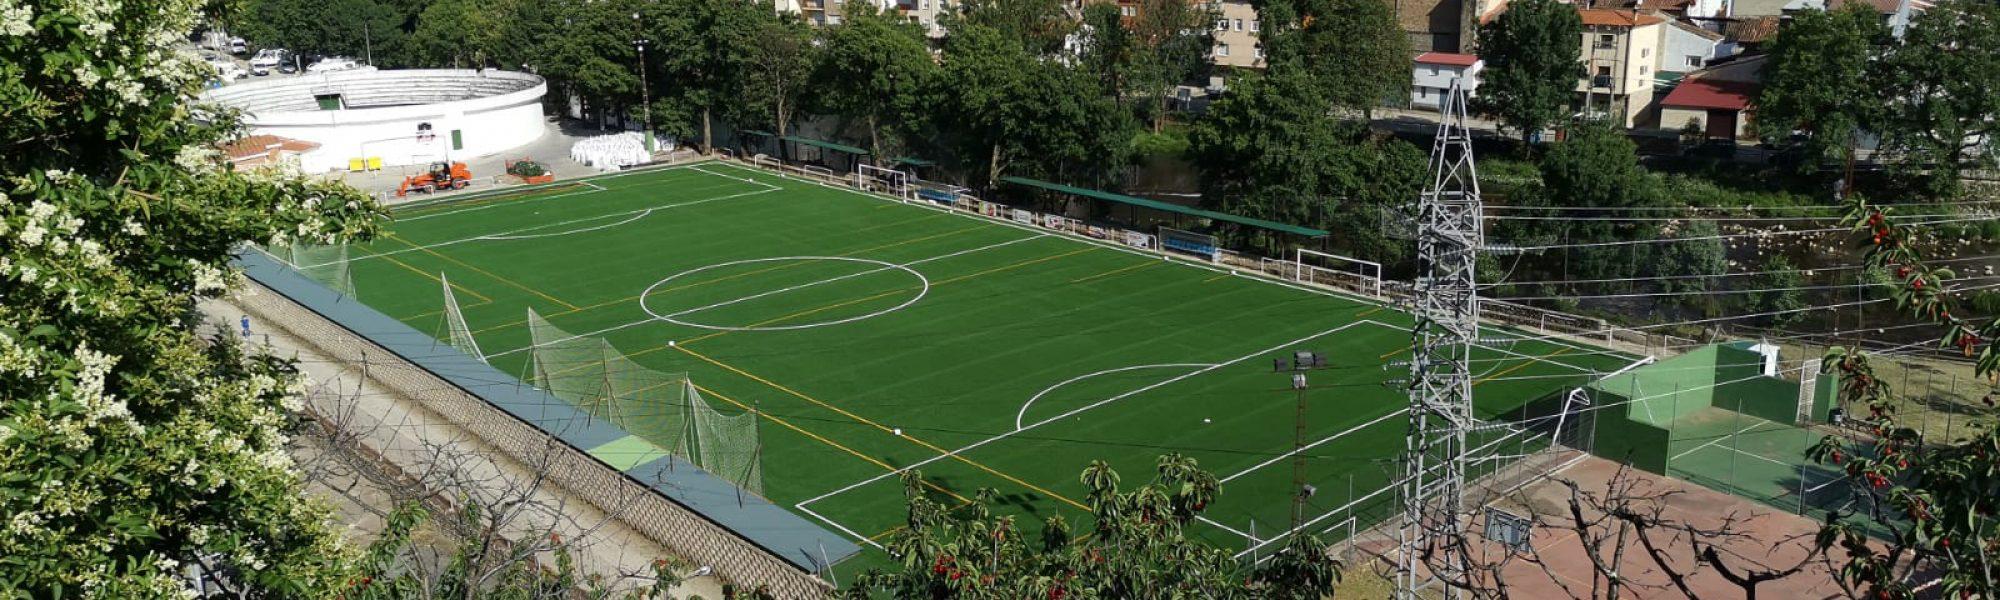 Campo de fútbol Las lanchas de Navaconcejo, equipado con césped Mondo